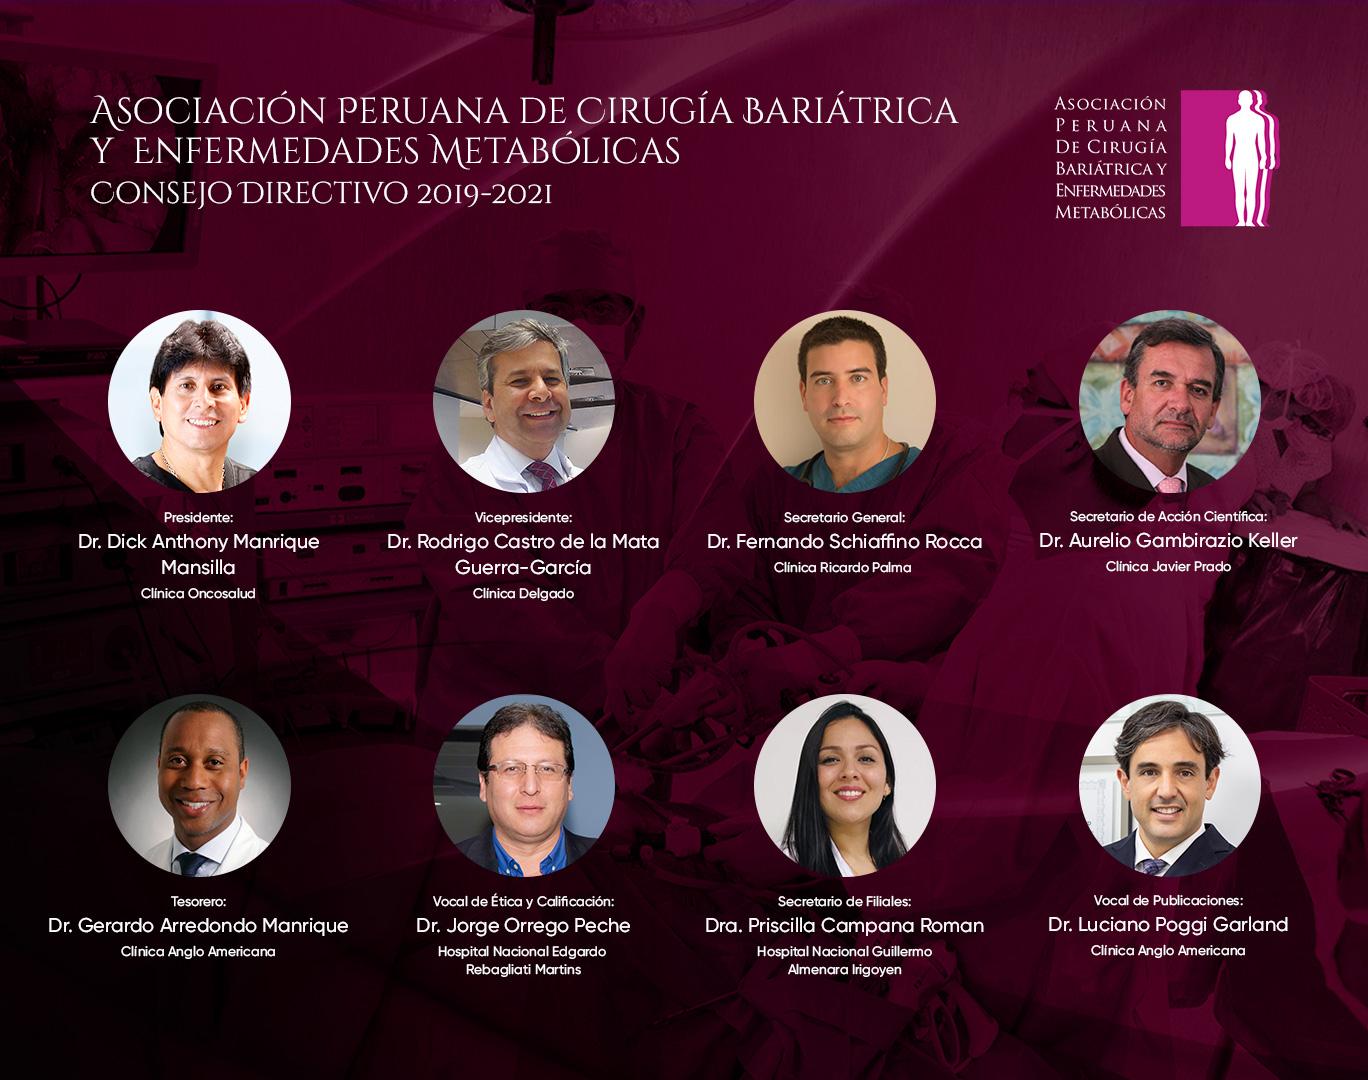 consejo directivo 2019-2021